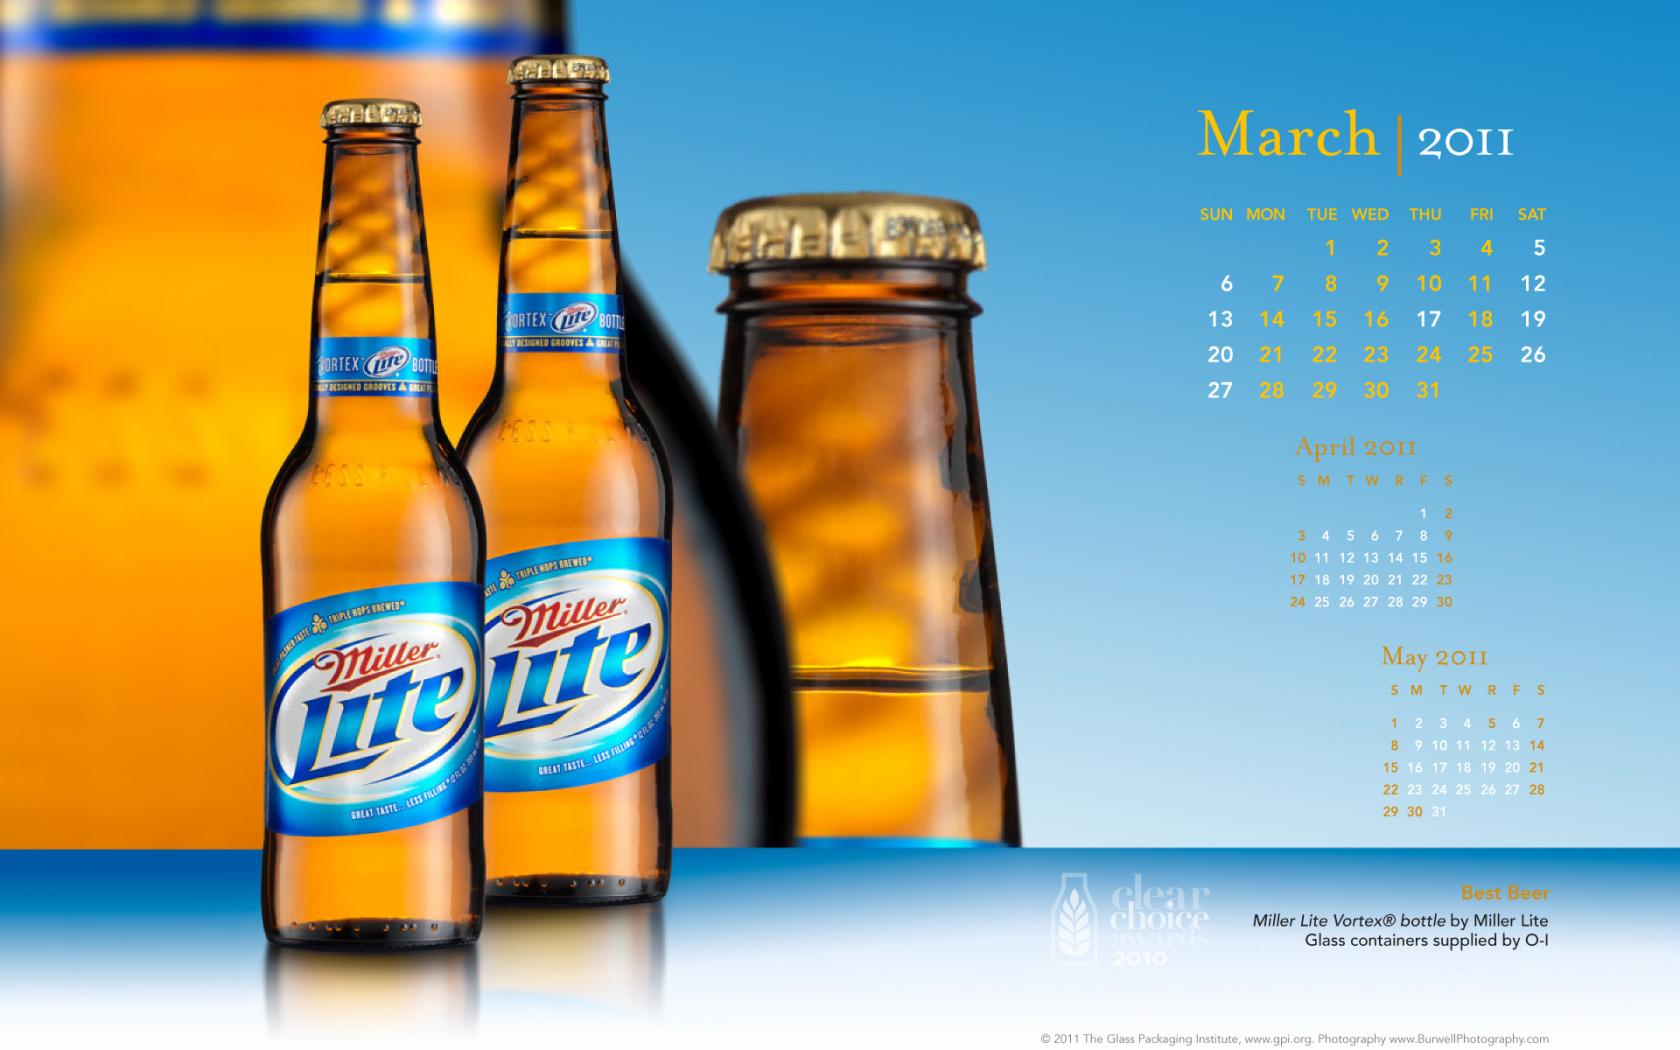 Beer Bottle wallpaper 366129 [1920x1200